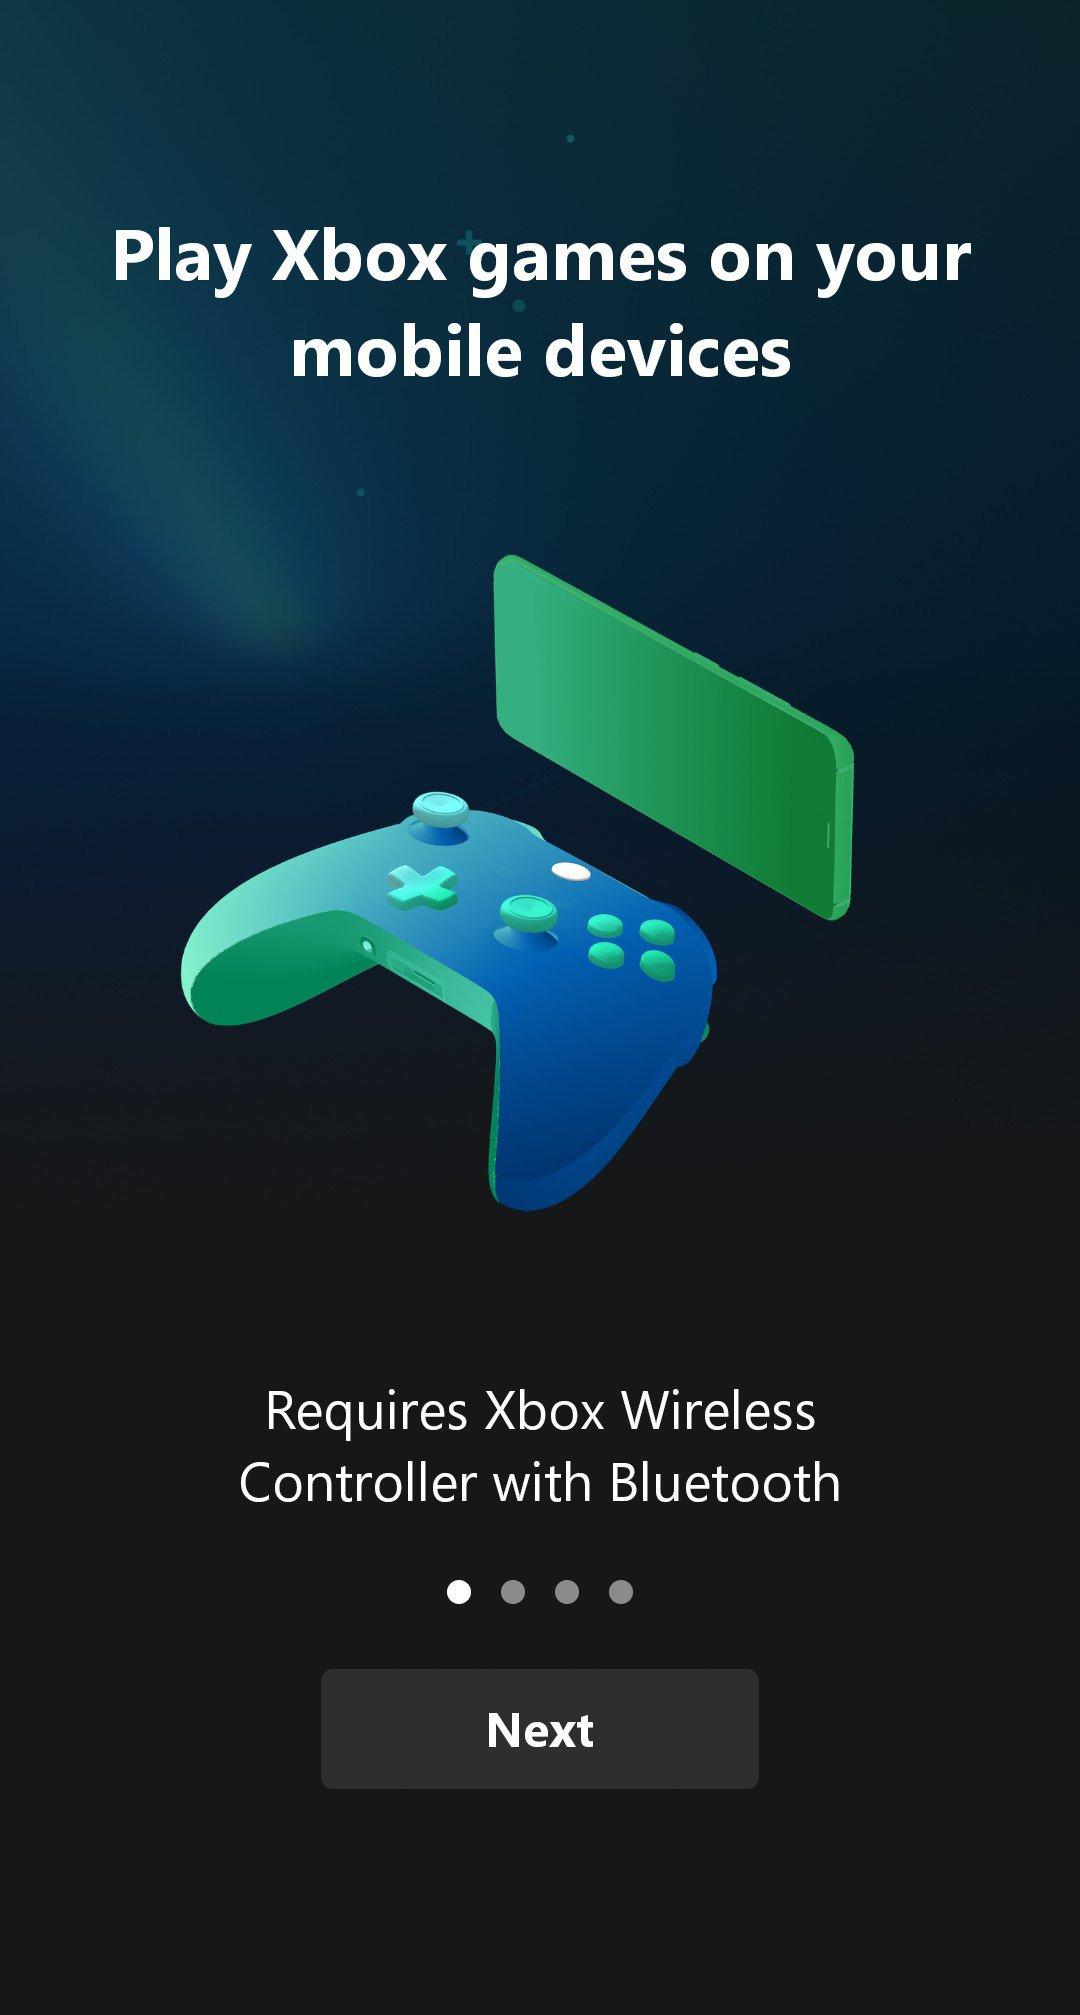 Стриминг игр на мобильные устройства доступен всем участникам Xbox One Insiders.